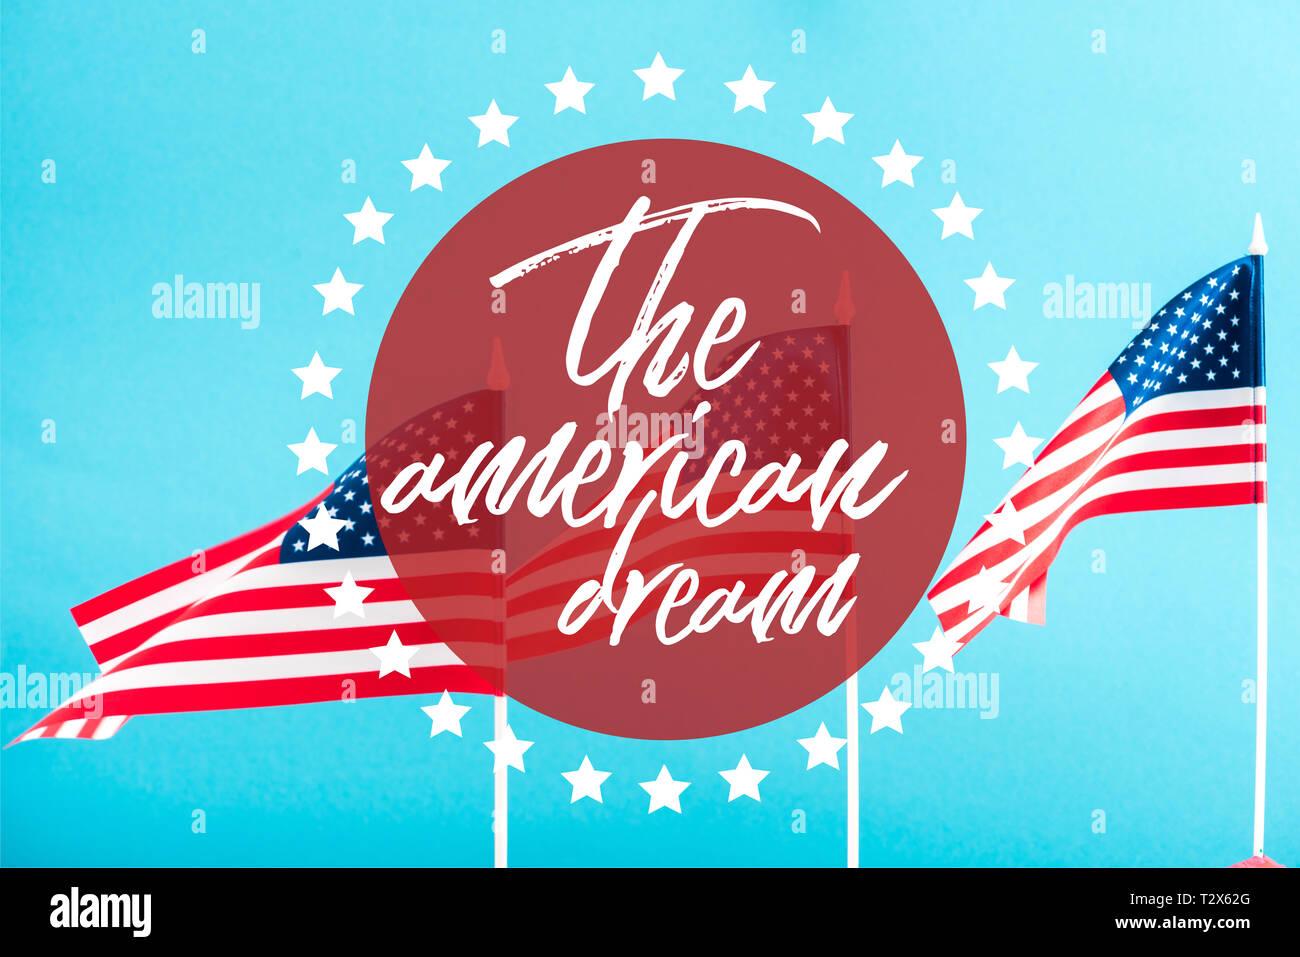 Drapeaux Américains Avec Le Rêve Américain Dans Lcercle